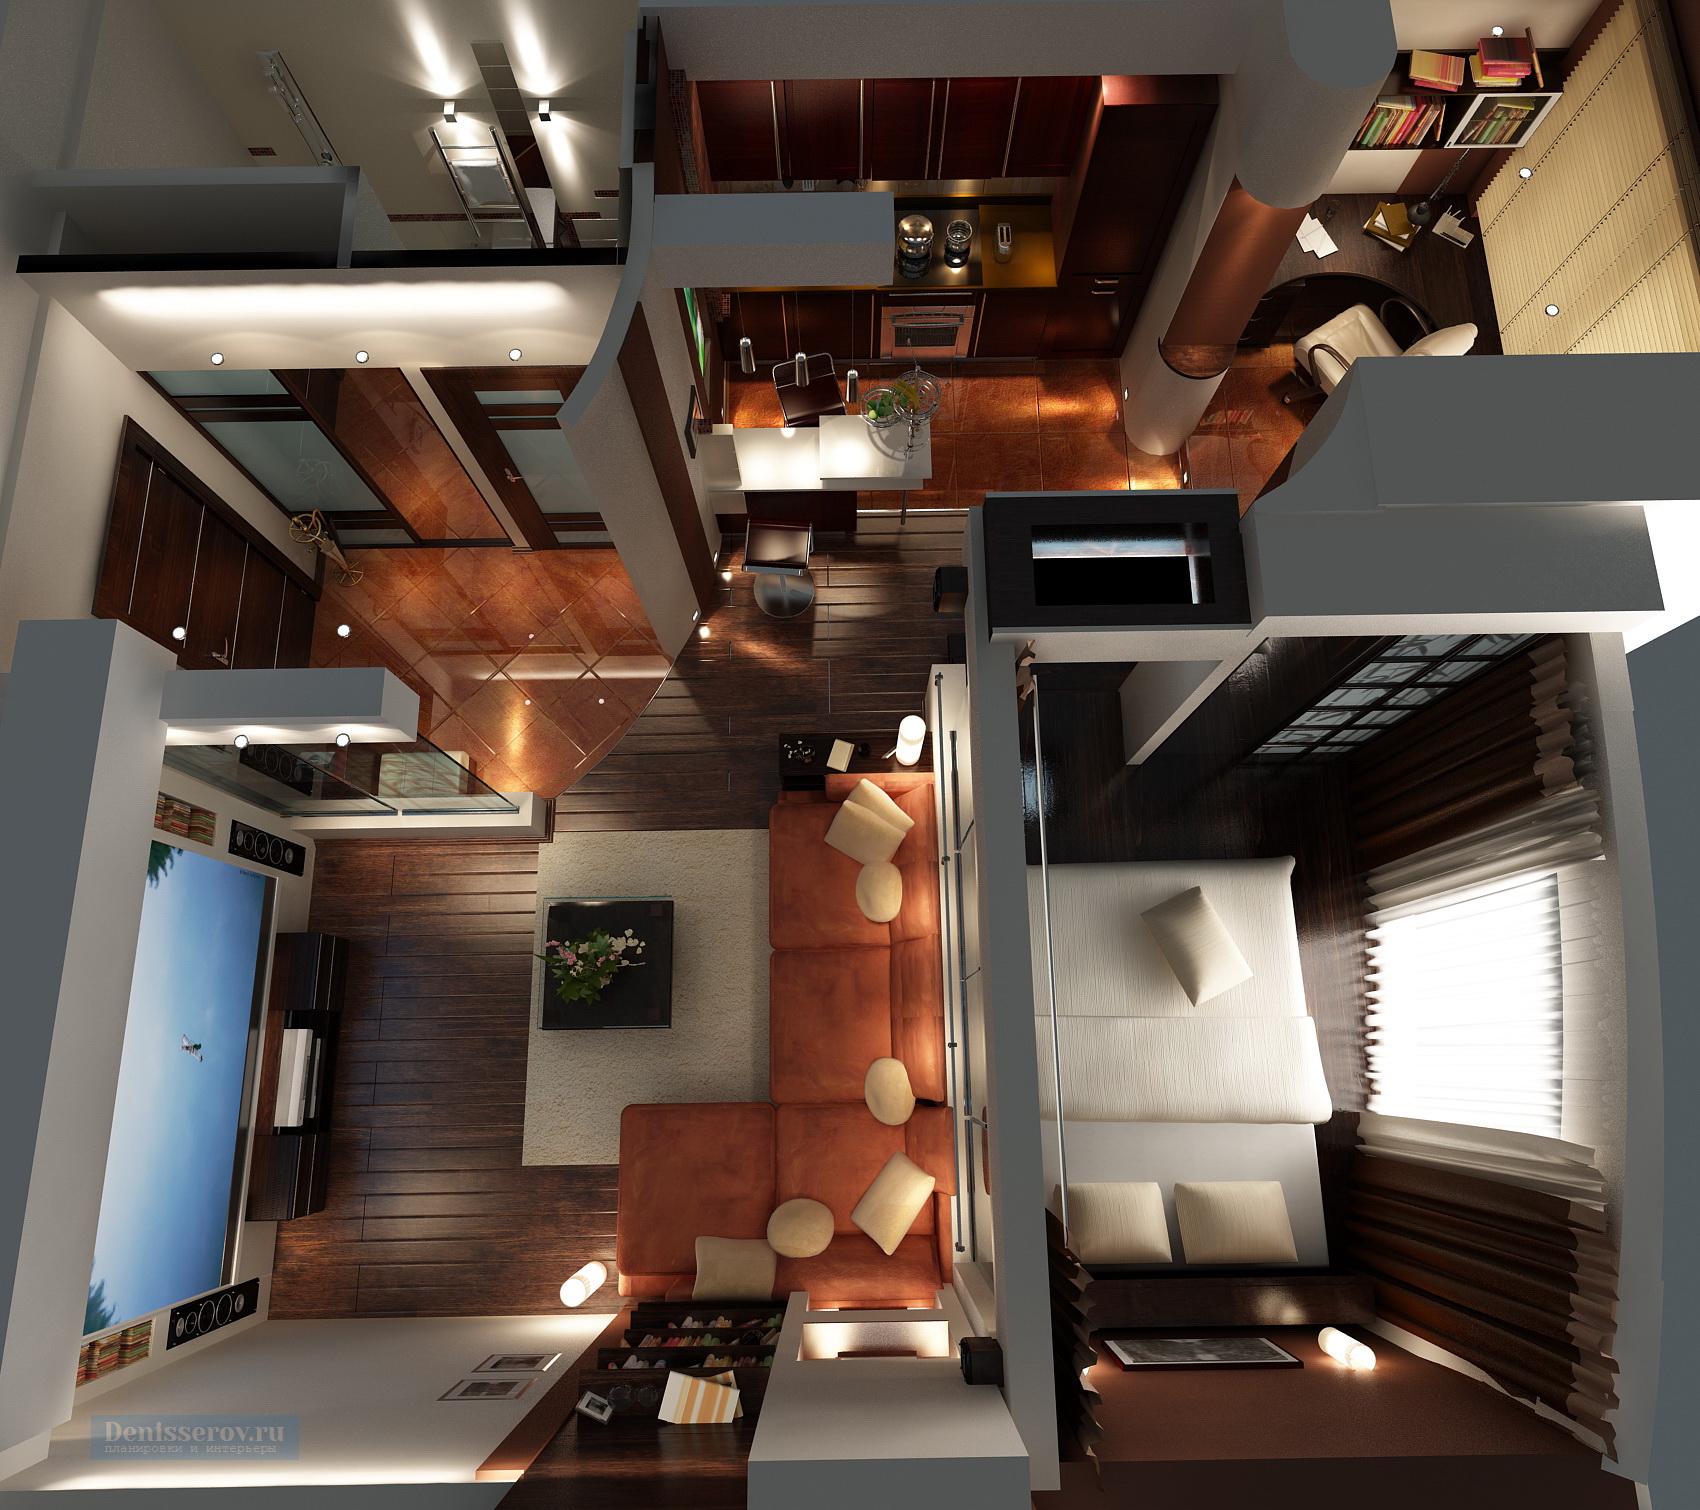 Цены – Ремонт квартир в Люберцах цены - Ремонт и отделка